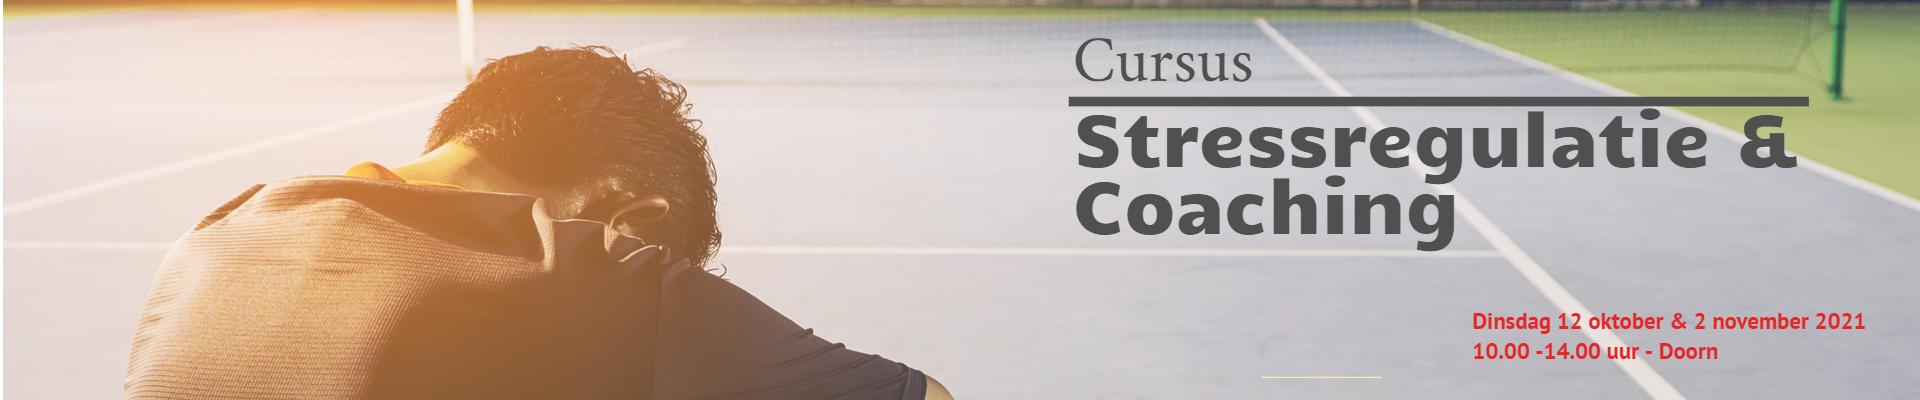 Cursus Stressregulatie en Coaching